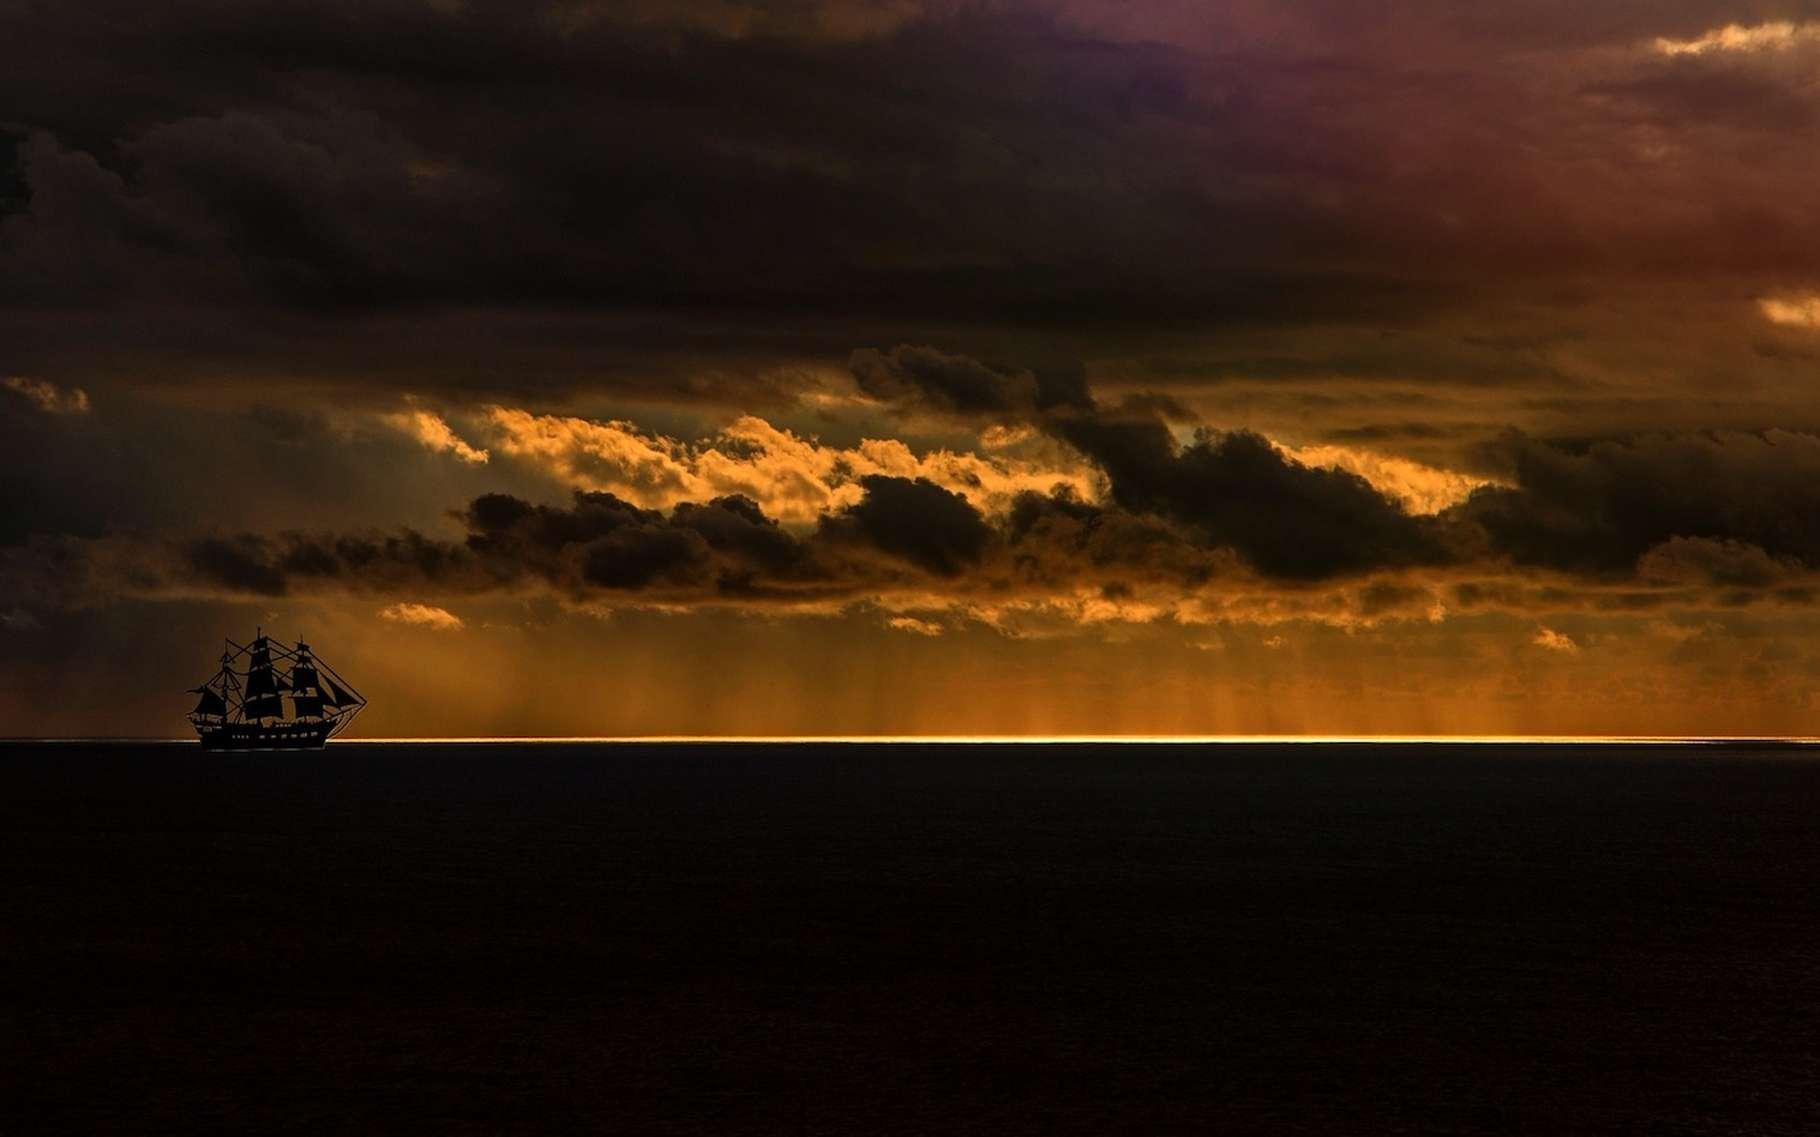 Les ondes de Rossby sont importantes en météorologie. Elles transportent de l'air chaud des tropiques vers le nord et inversement pour l'air froid. Certaines sont responsables de l'apparition de hautes ou de basses pressions au sol. © cocoparisienne, Pixabay, DP